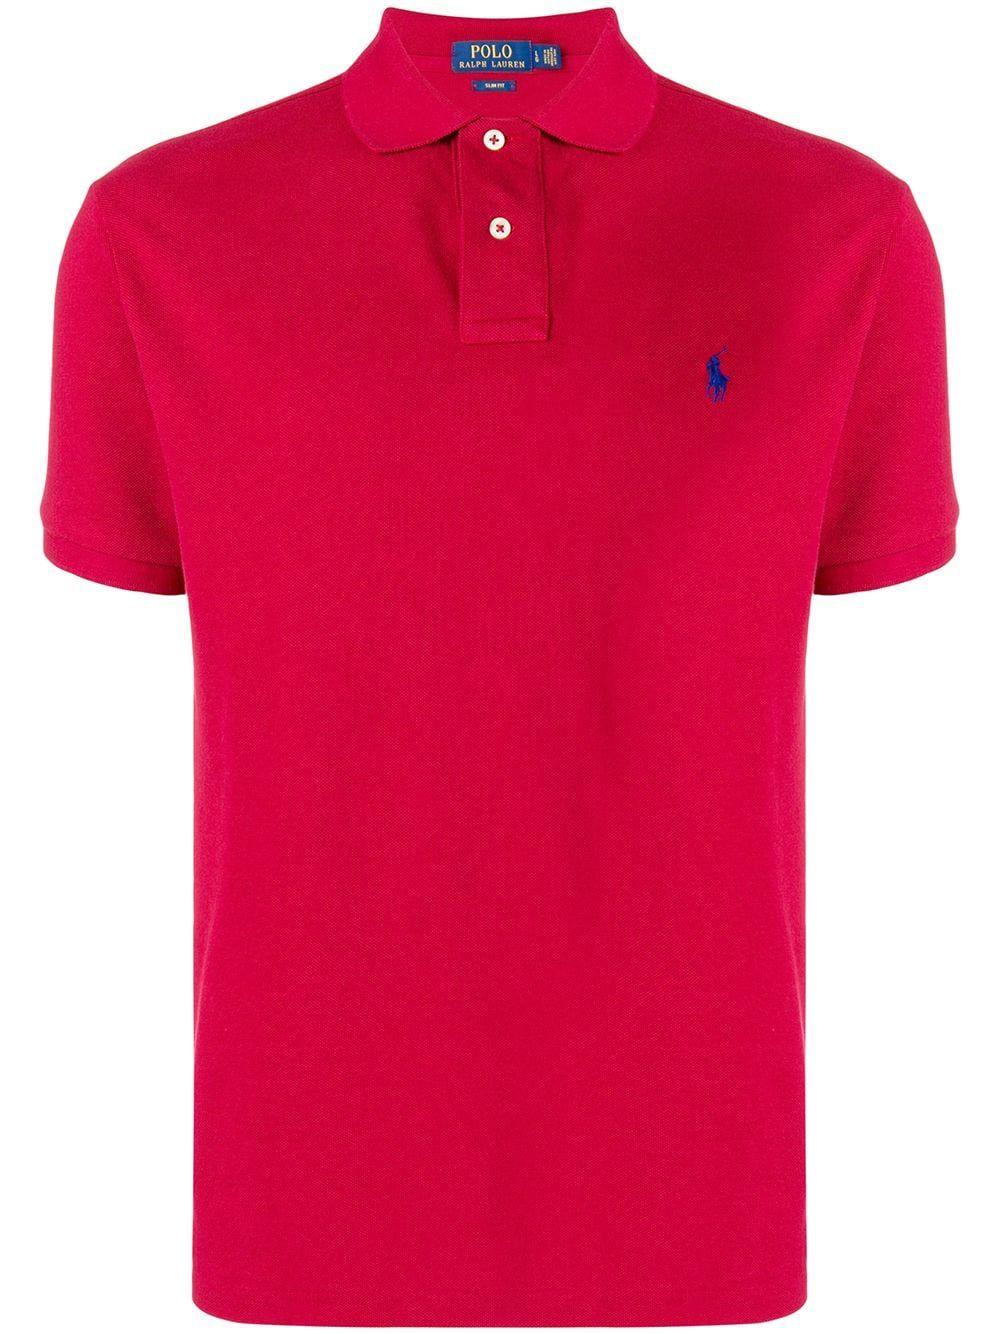 POLO RALPH LAUREN POLO RALPH LAUREN CLASSIC BRAND POLO SHIRT - RED.   poloralphlauren  cloth 75aa453e63